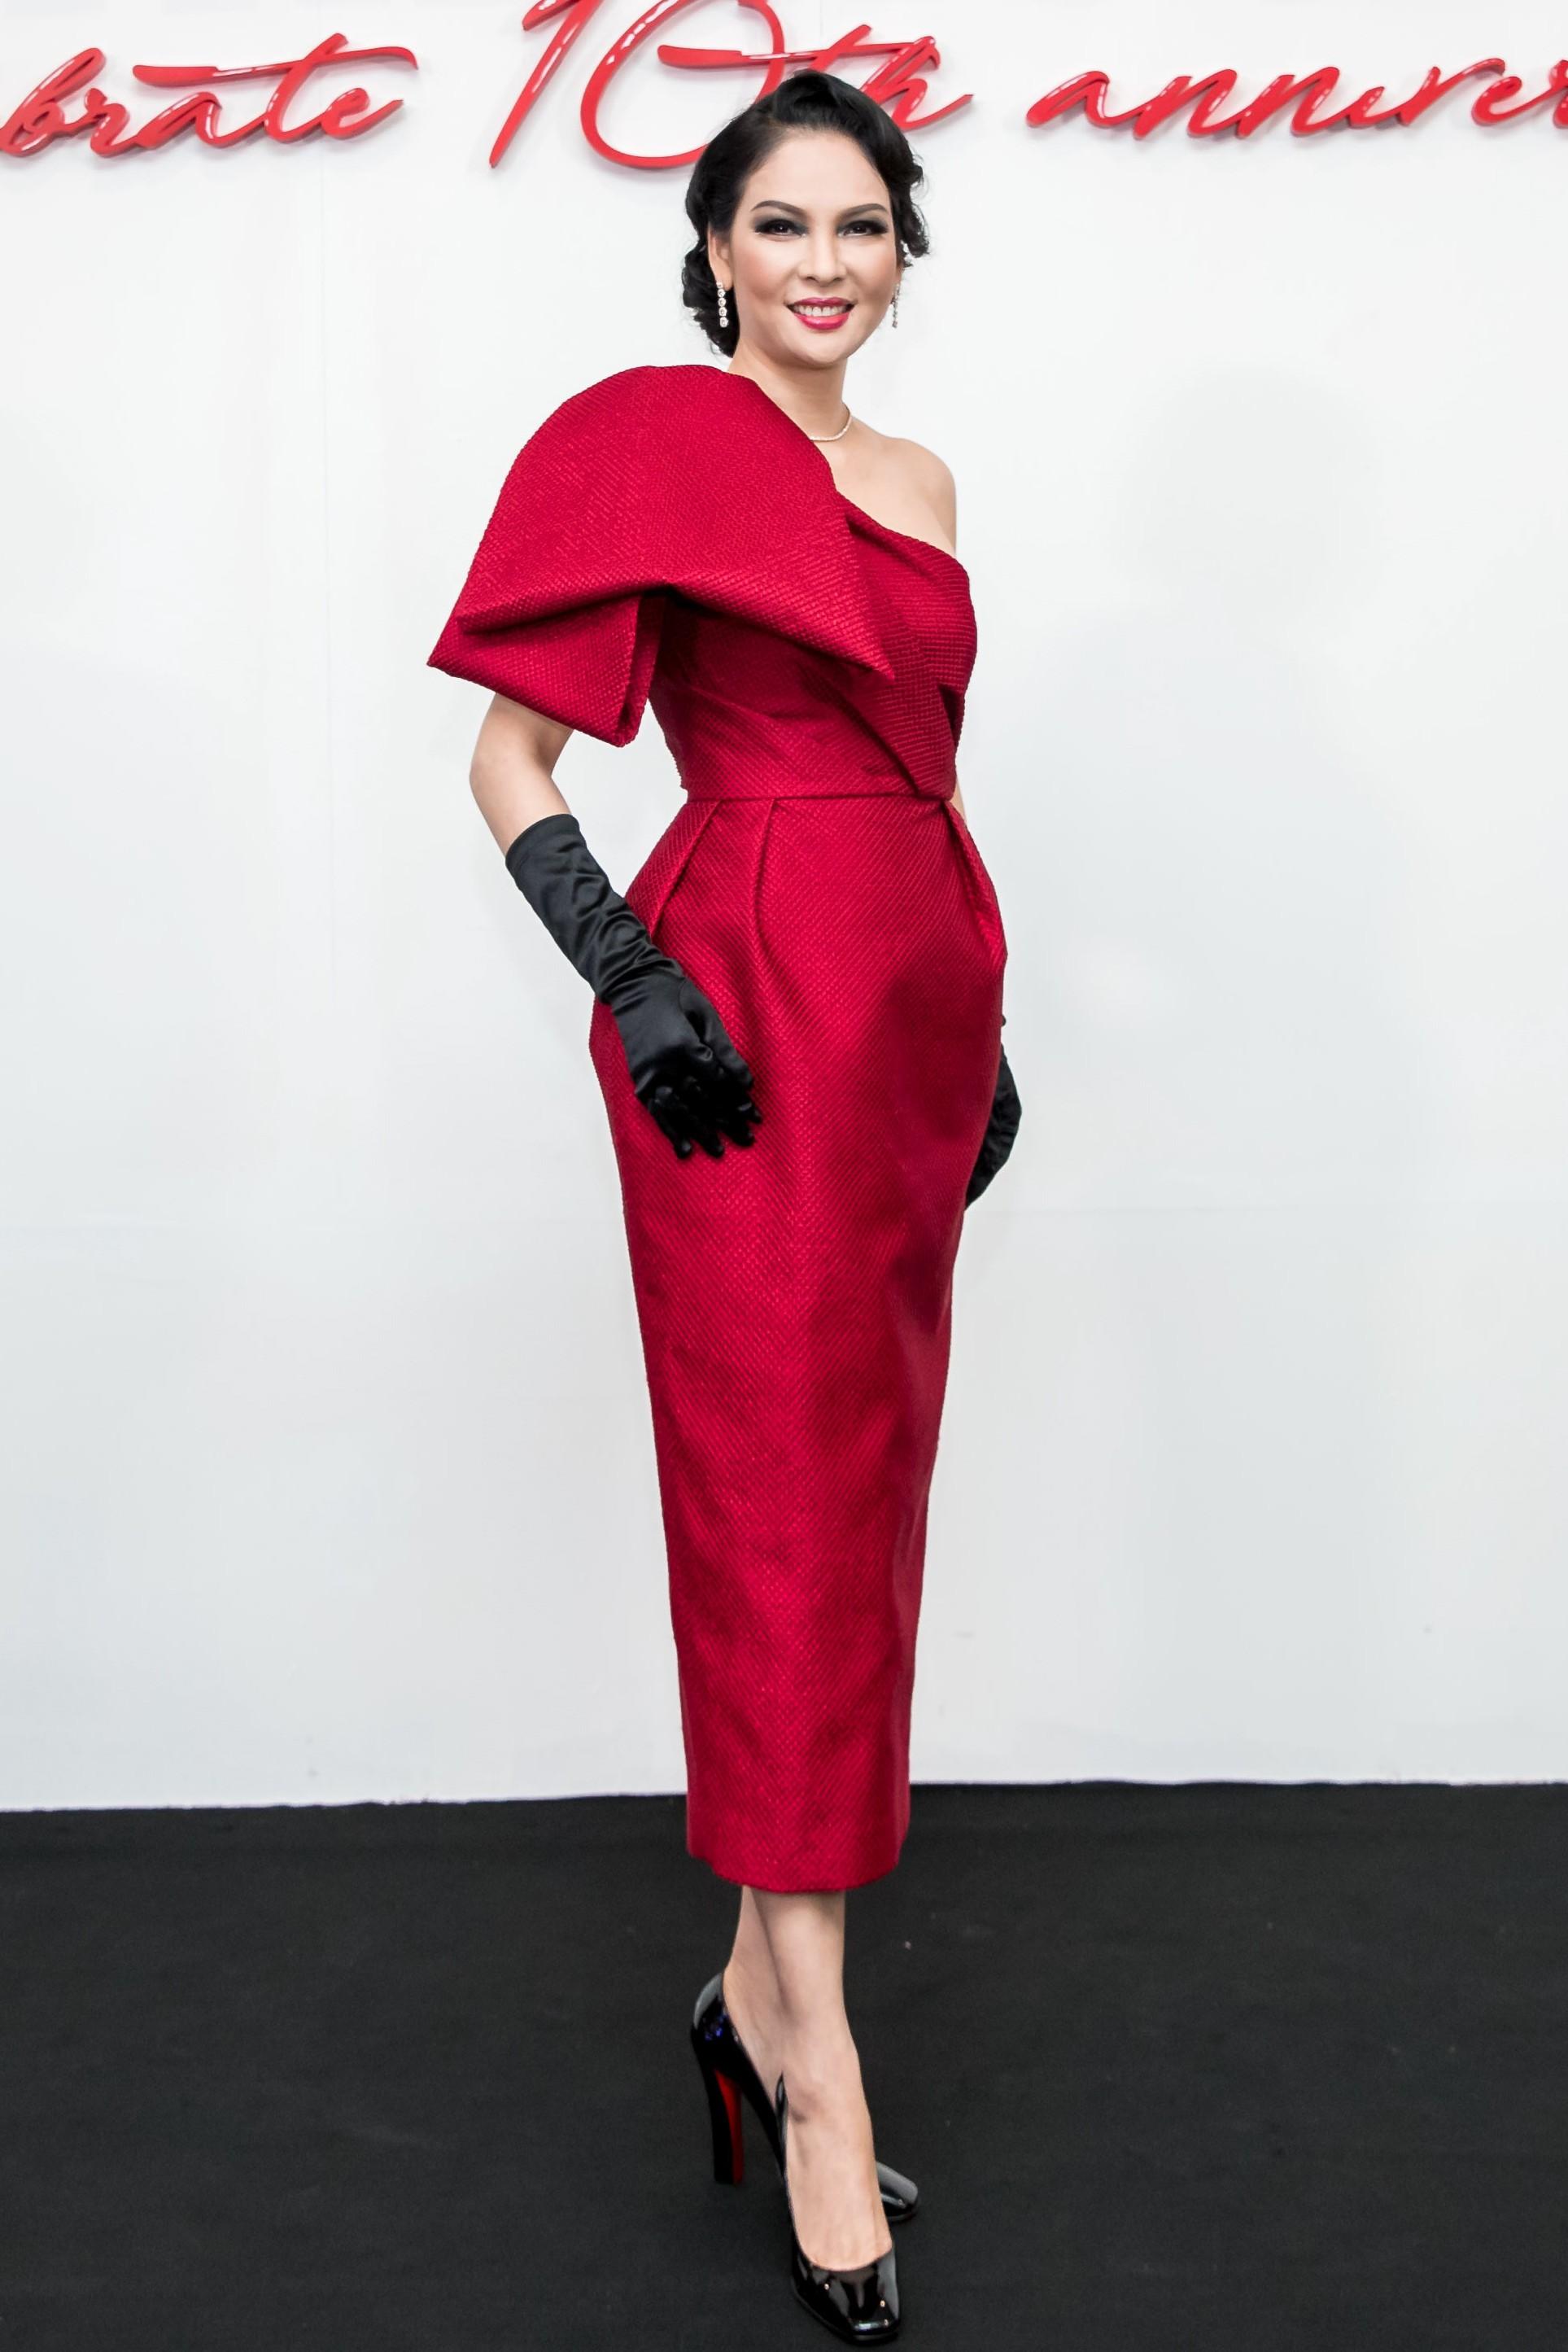 Angela Phương Trinh mang cả tổ chim lên đầu, nổi bật giữa dàn mỹ nhân tuyền màu đỏ của NTK Đỗ Mạnh Cường - Ảnh 28.